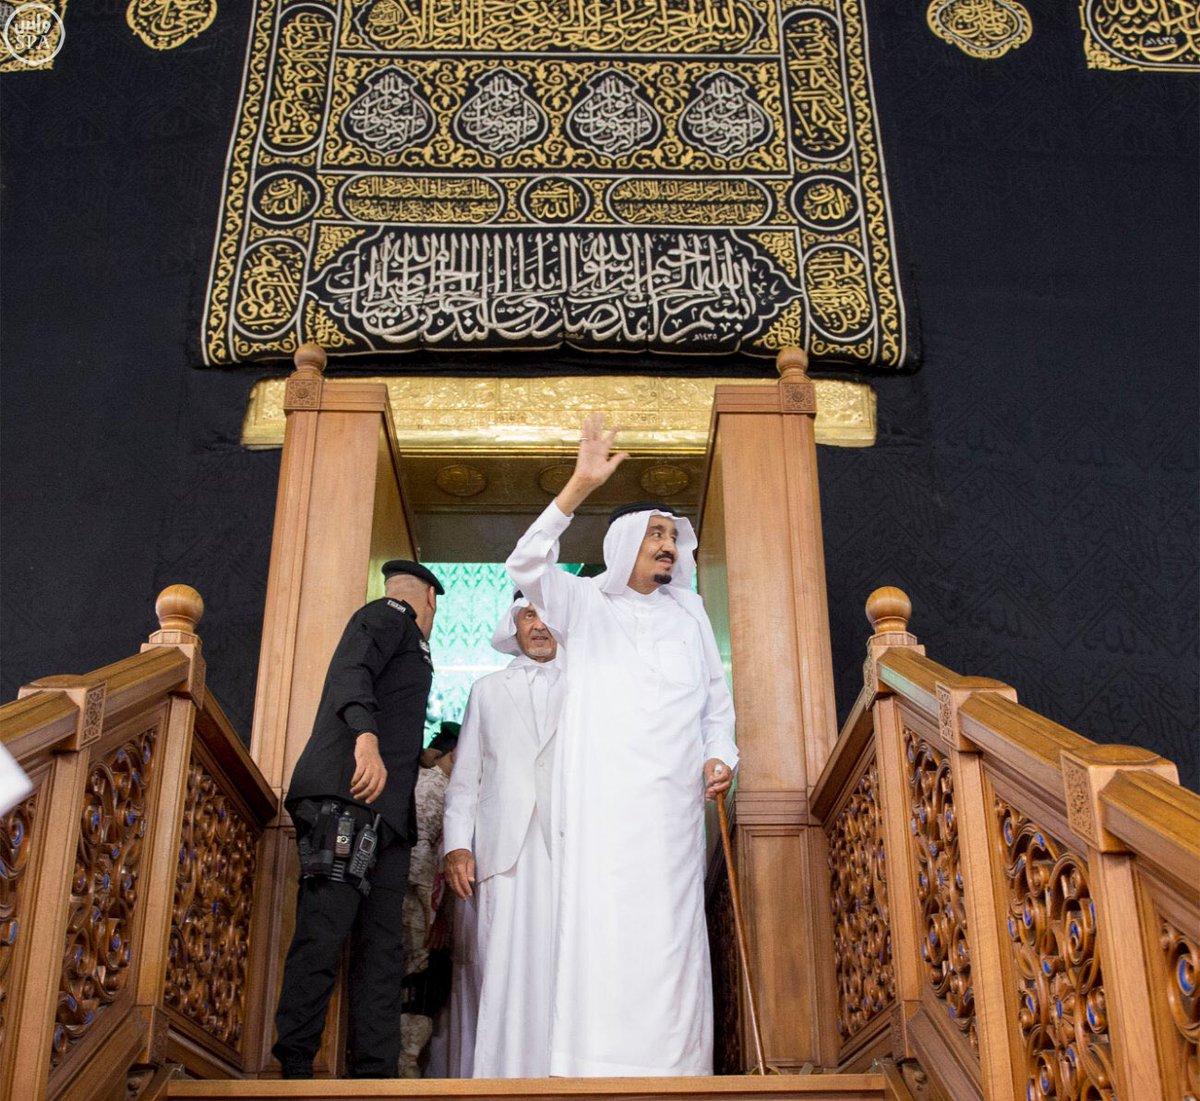 تطويق الكعبة وإبعاد المعتمرين عدة أمتار.. استنفار في المسجد الحرام بعد أوامر ملكية سعودية (صور)